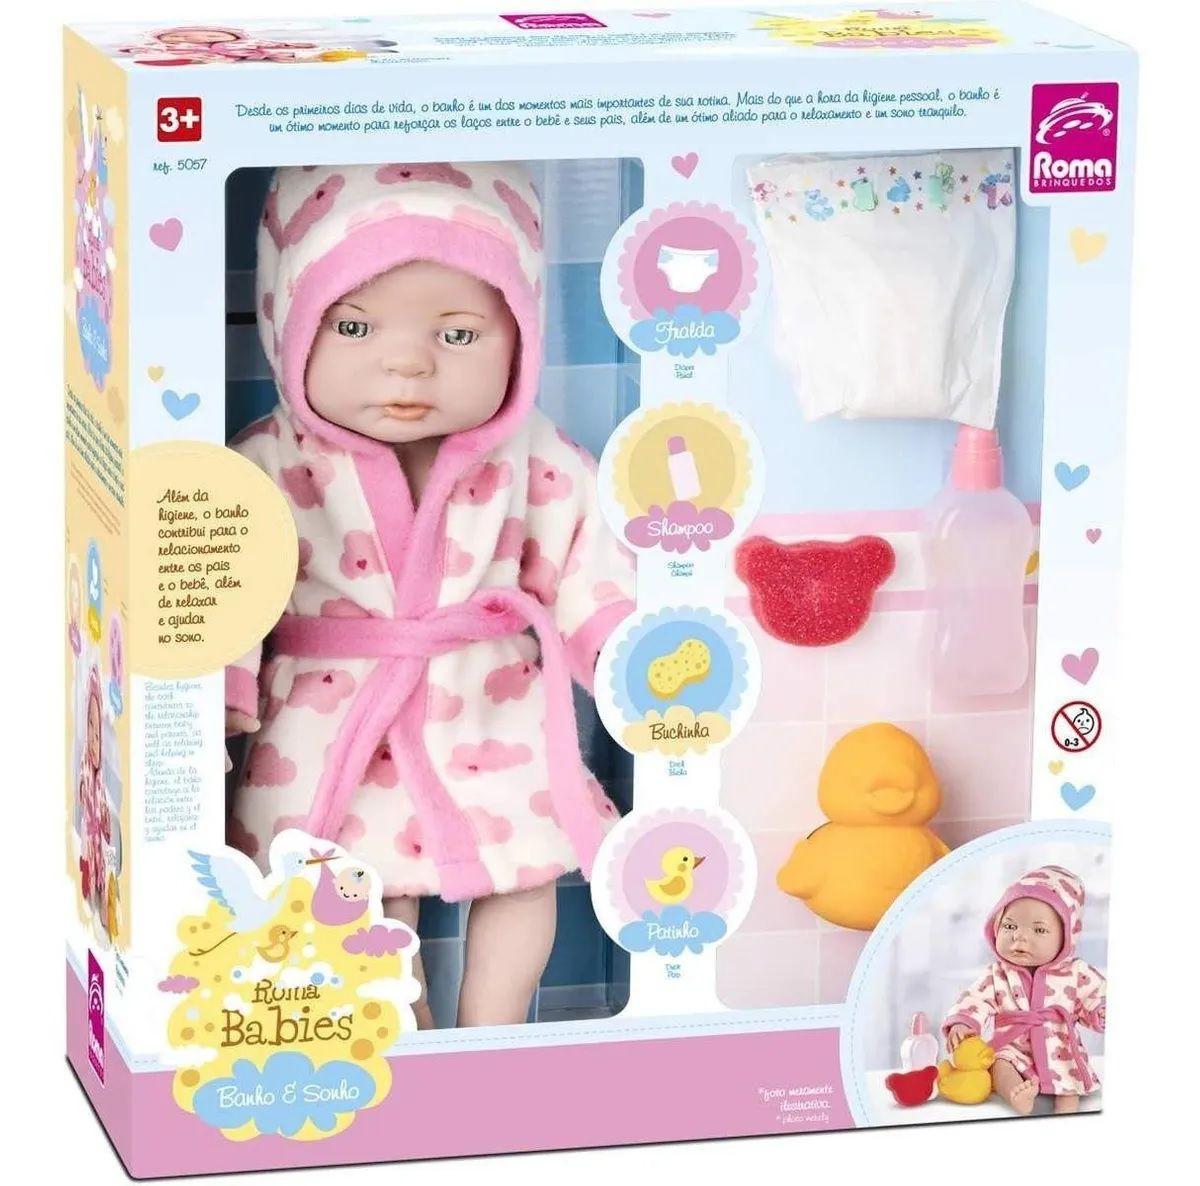 Boneca Babies Banho E Sonho Roma Brinquedos